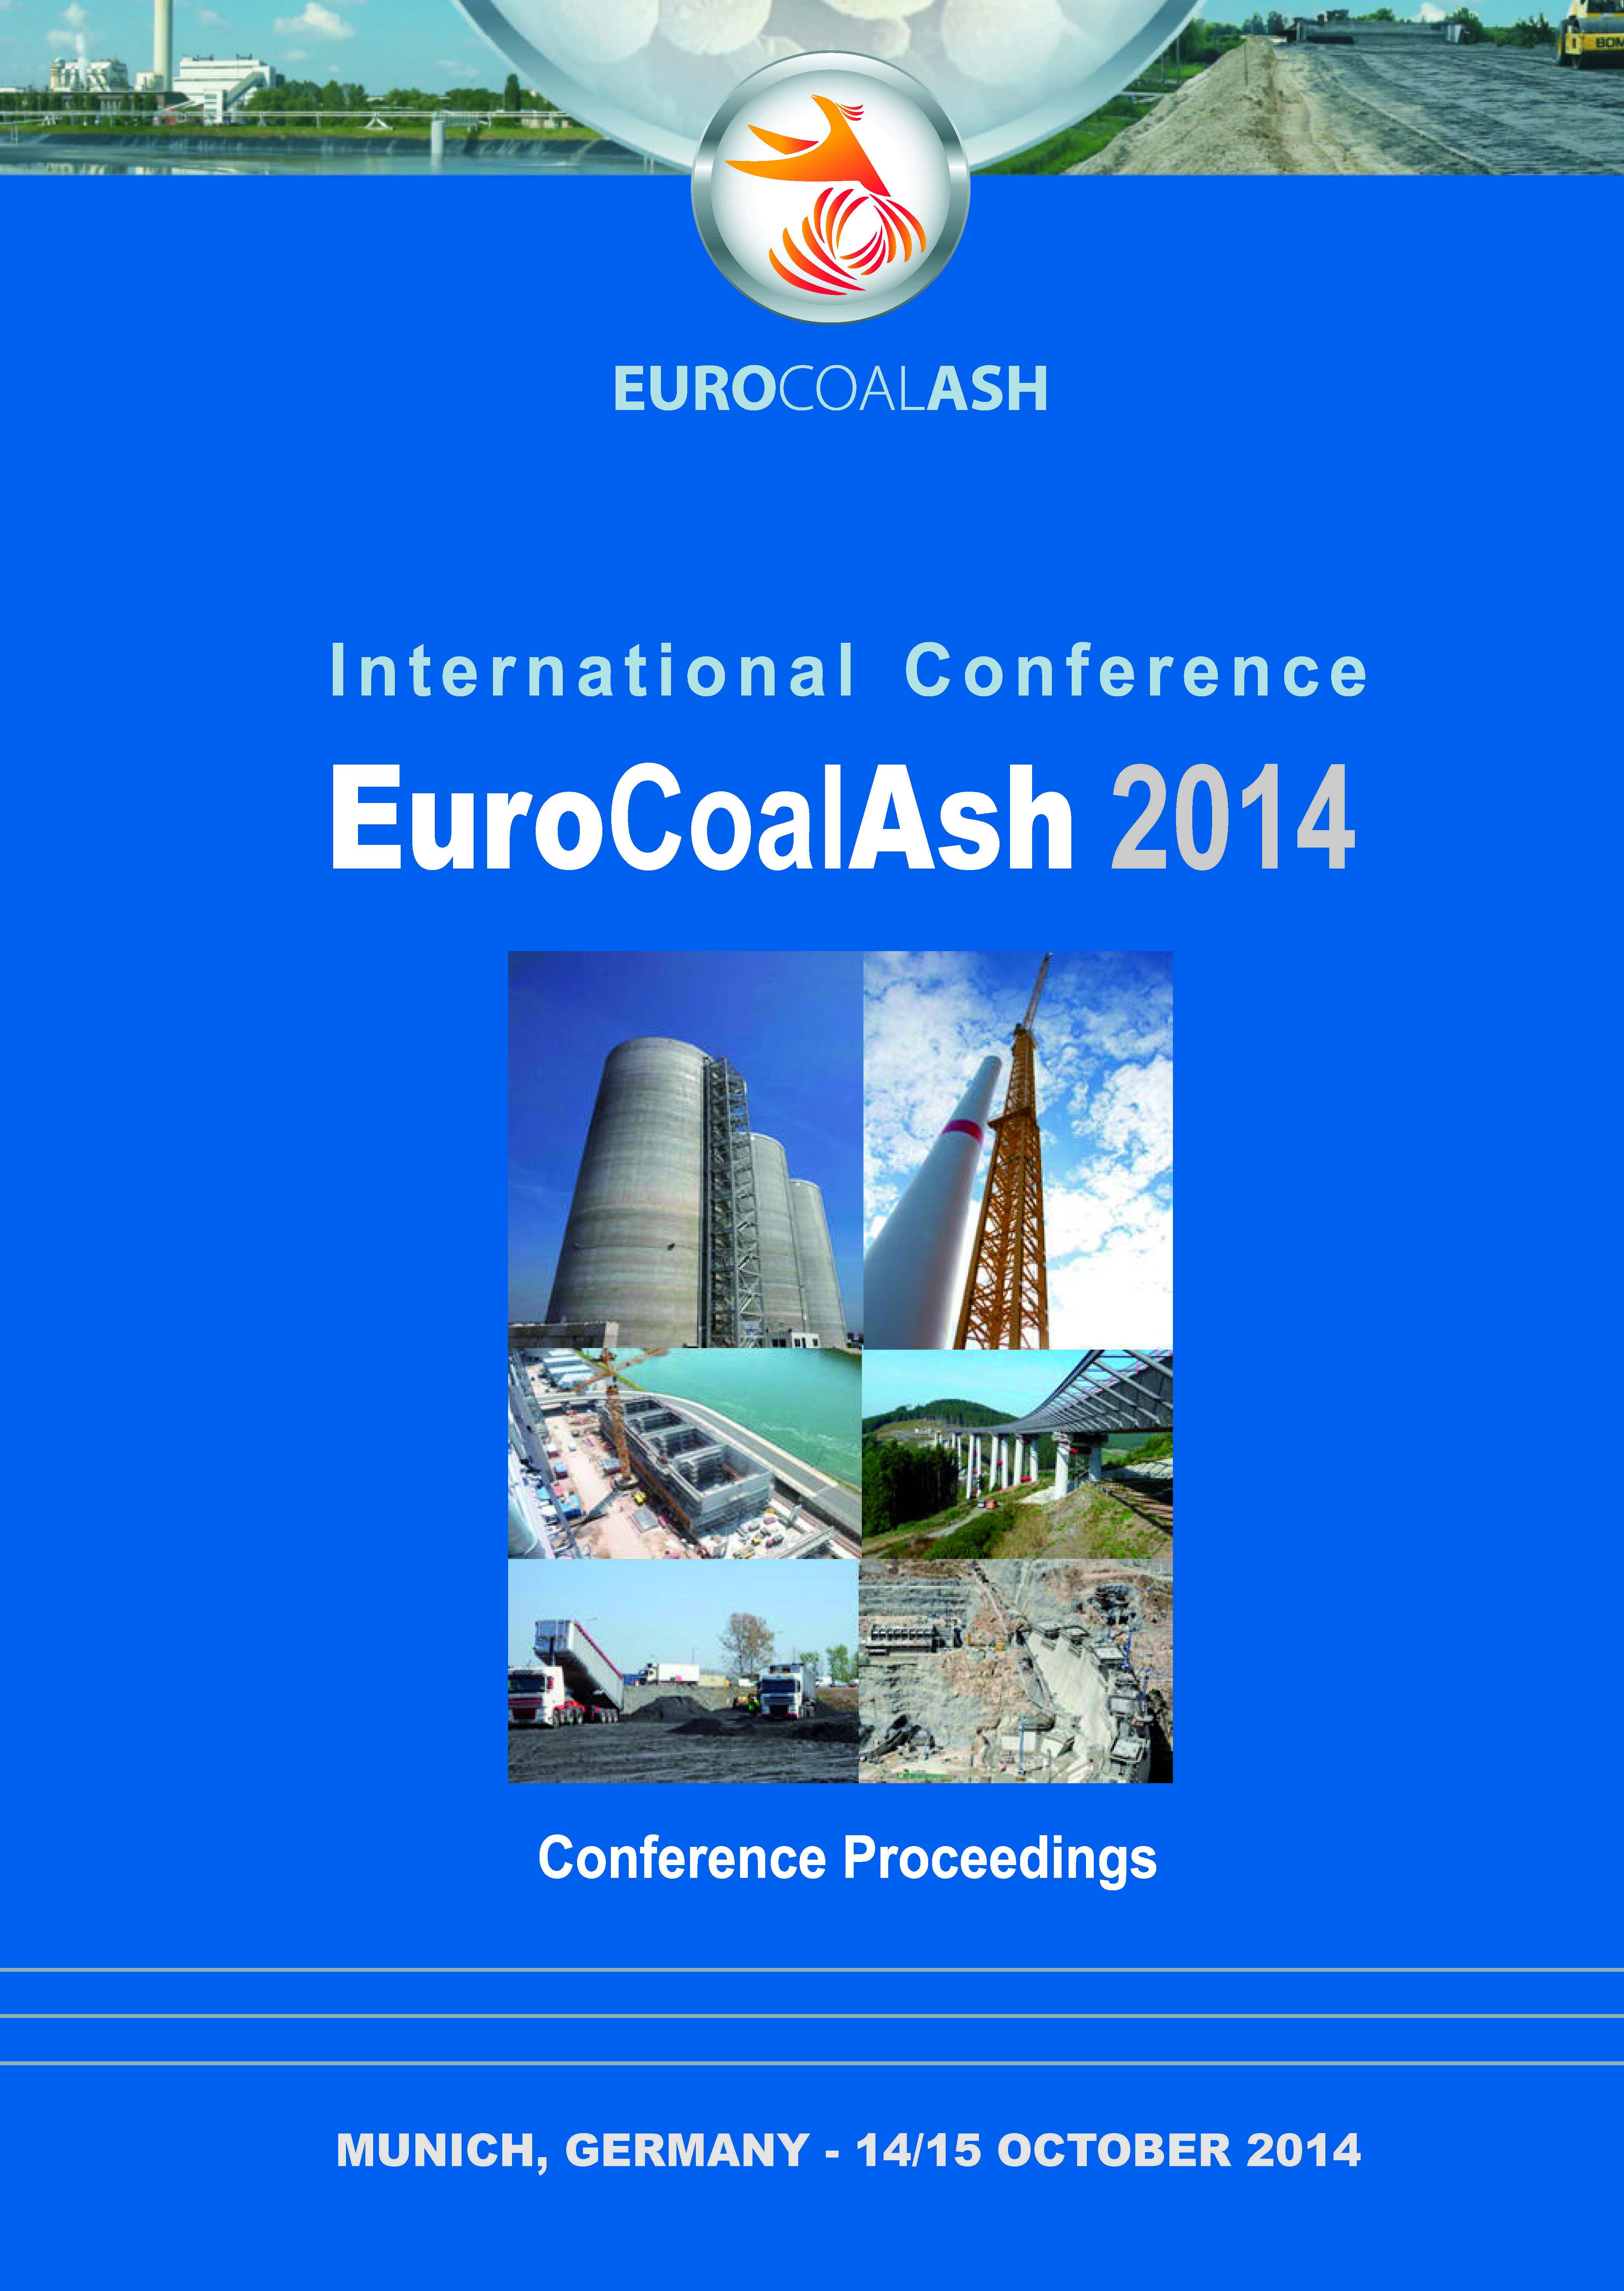 EuroCoalAsh 2014